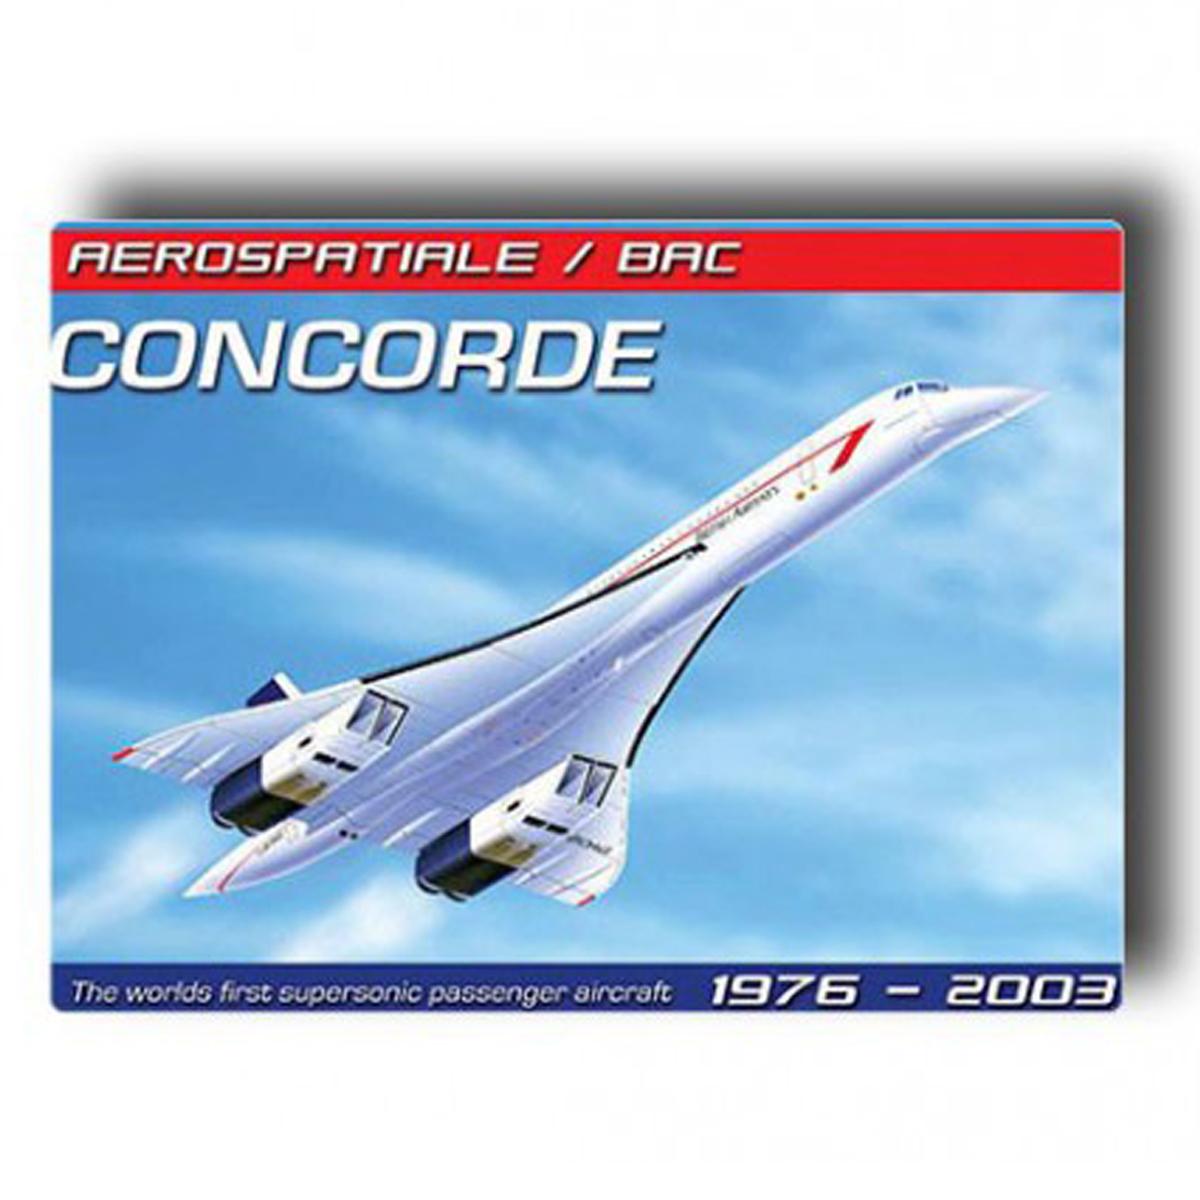 Magnet métal rétro \'Concorde\' (1976-2003) - 9x65 cm - [Q7382]